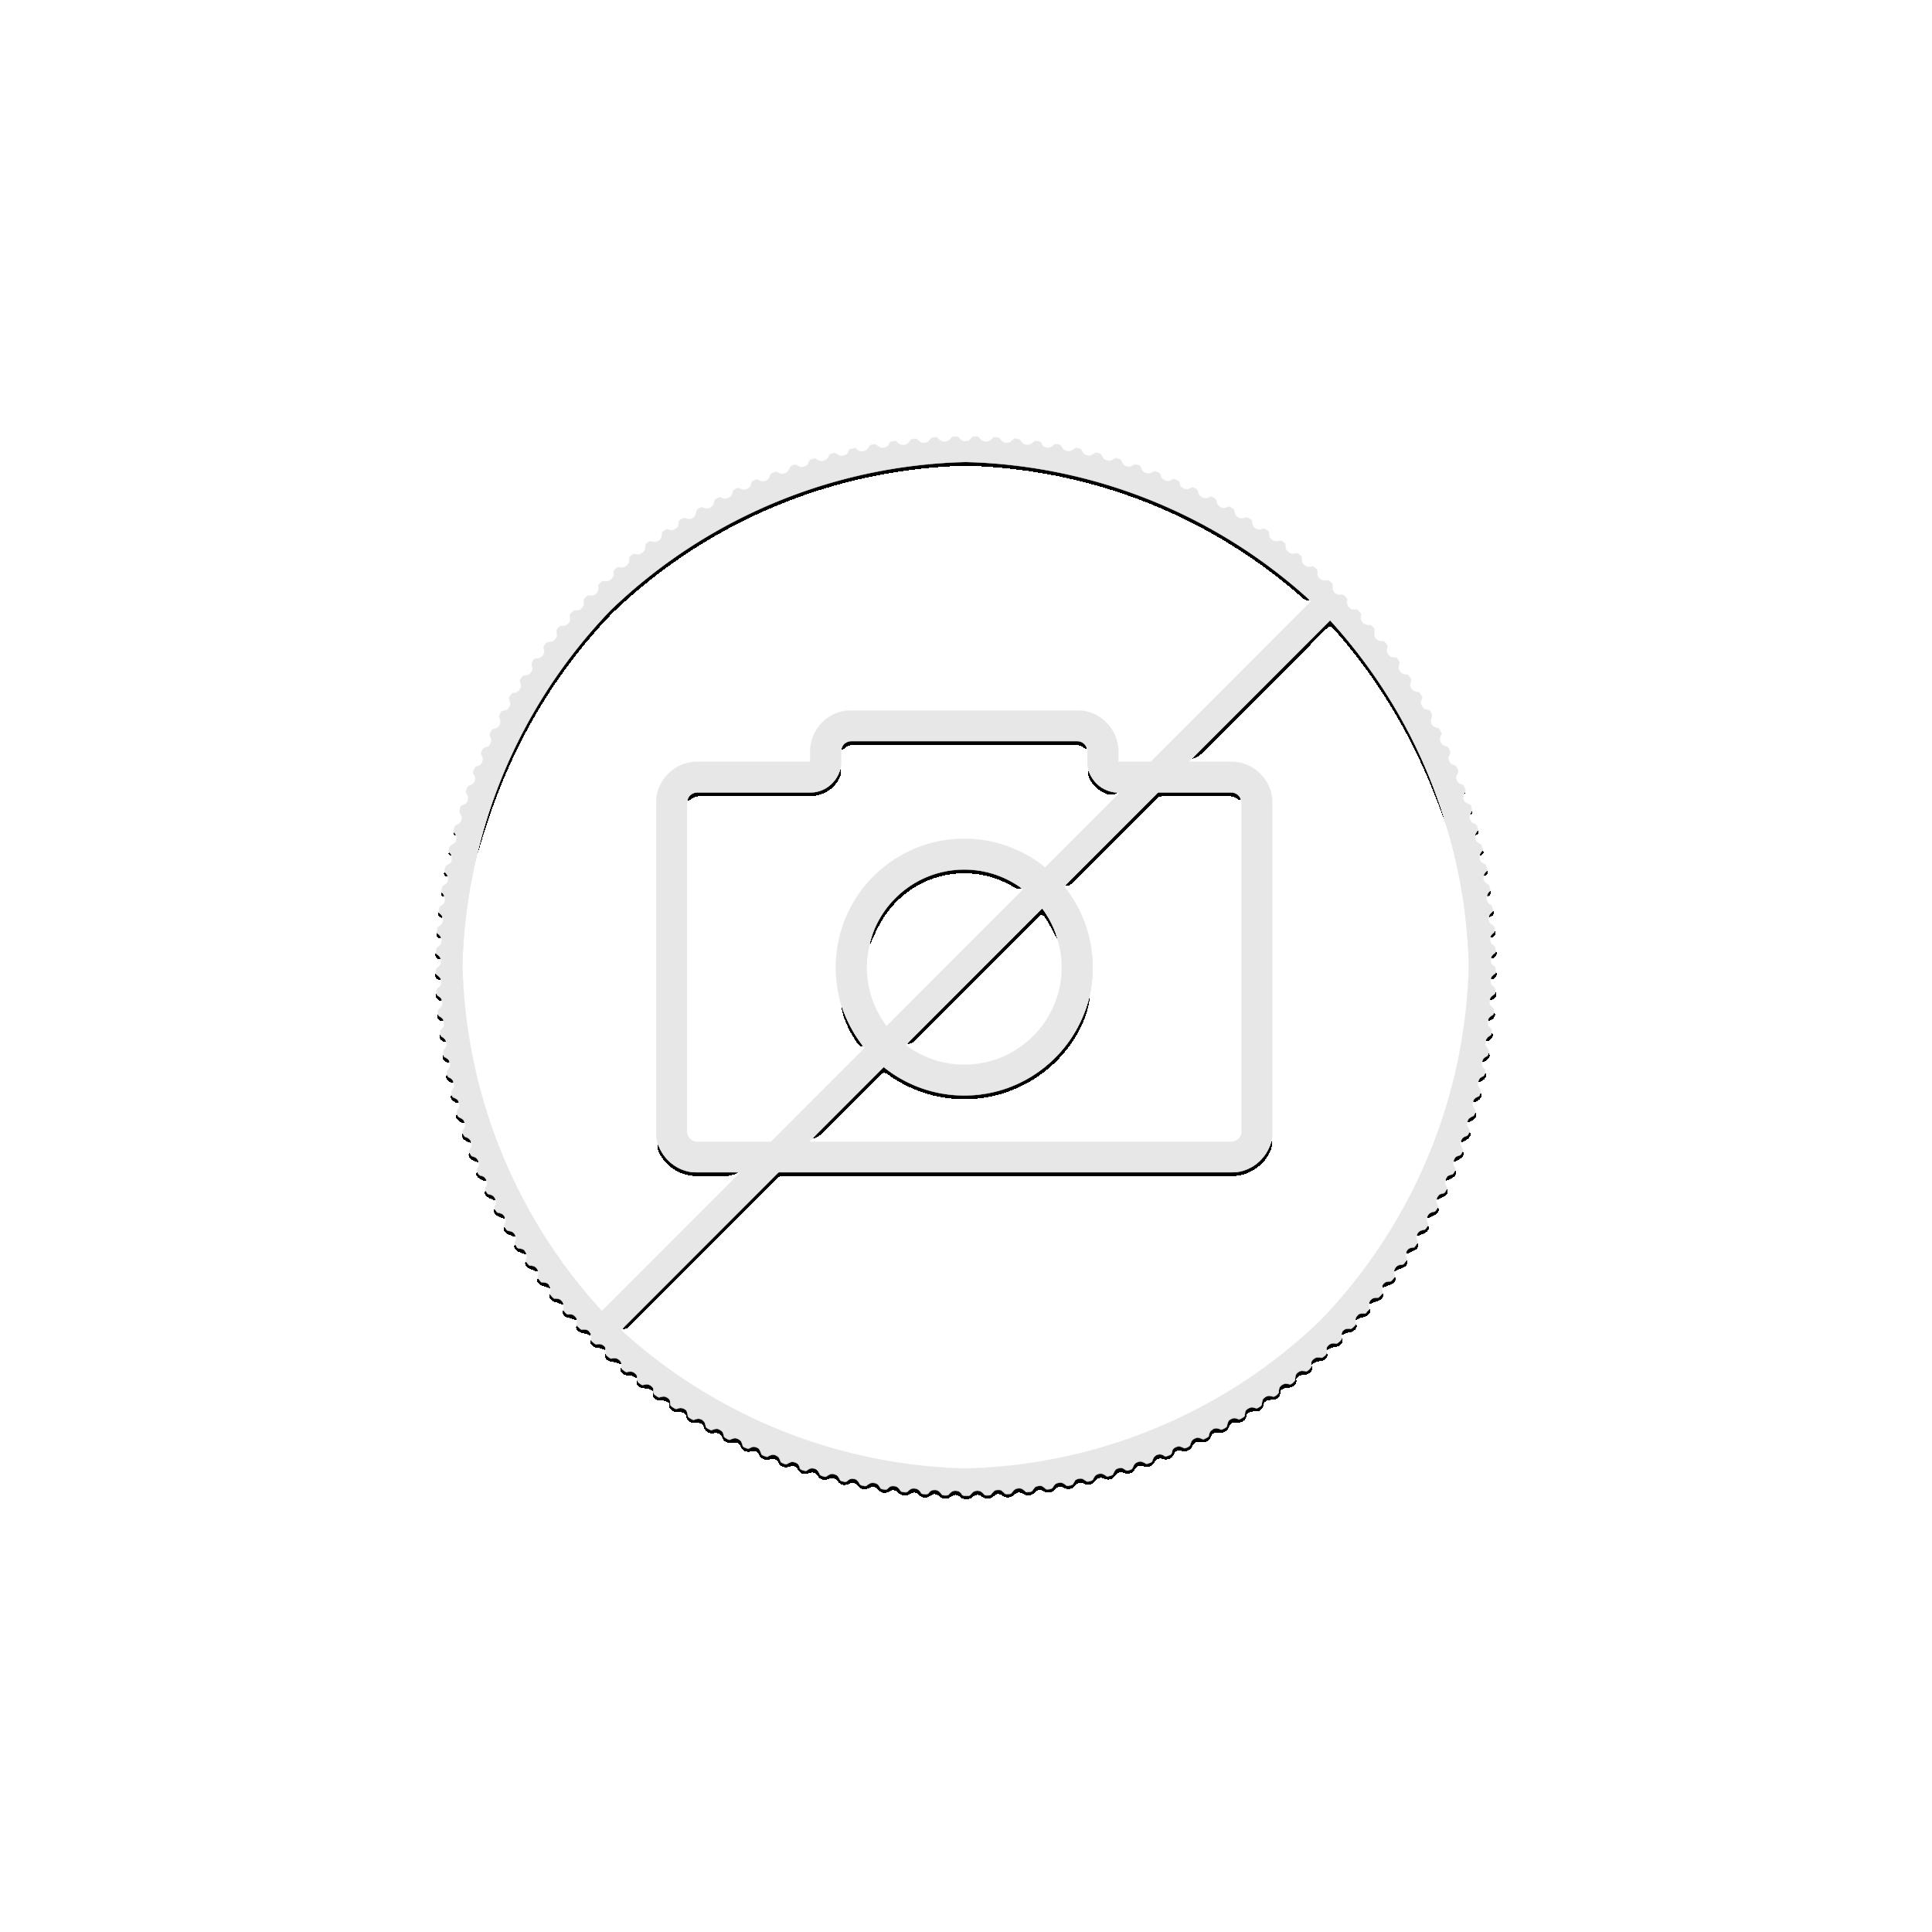 2 troy ounce zilveren munt leeuwin 2021 - anteke afwerking